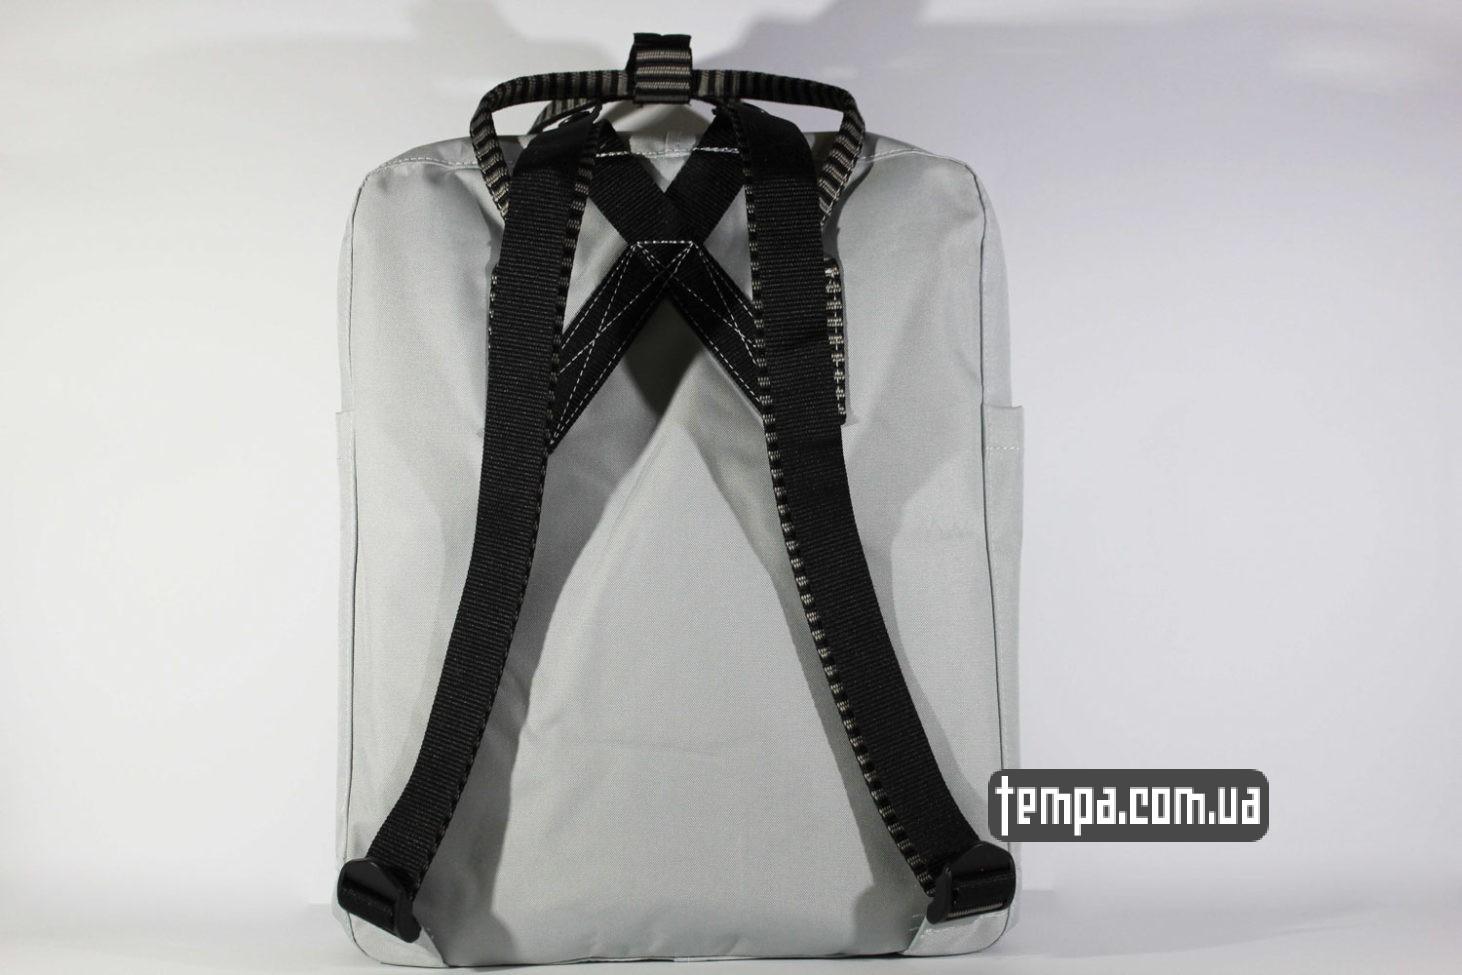 рюкзак купить Украина Купить Рюкзак Fjallraven Kånken 16 по выгодной цене серый цвет